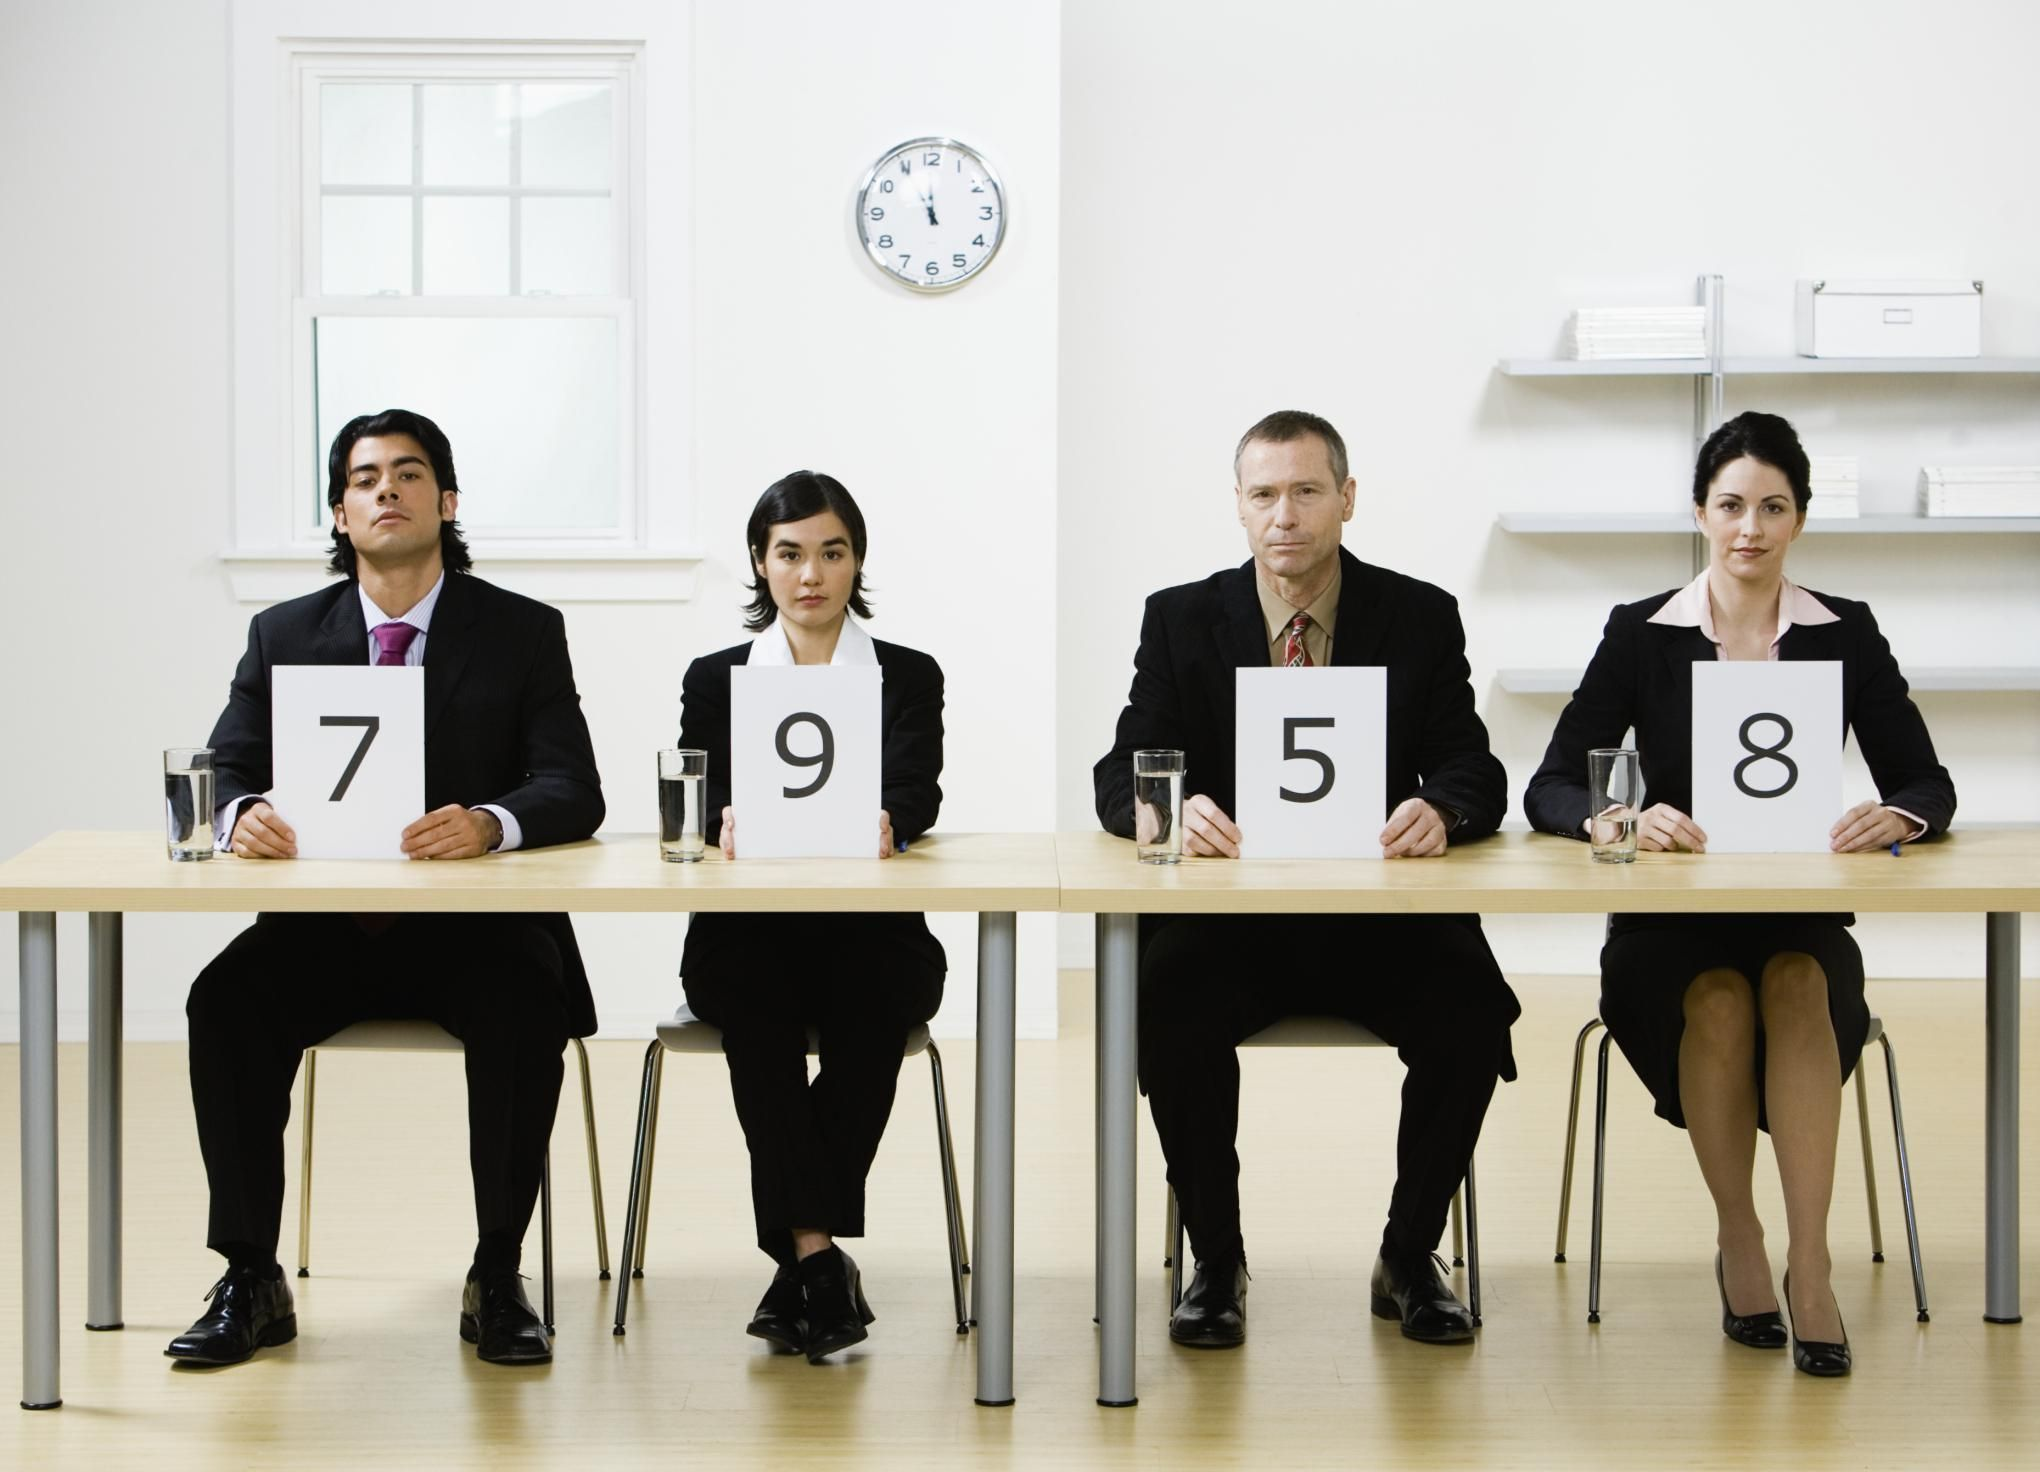 Центр оценки и развития персонала